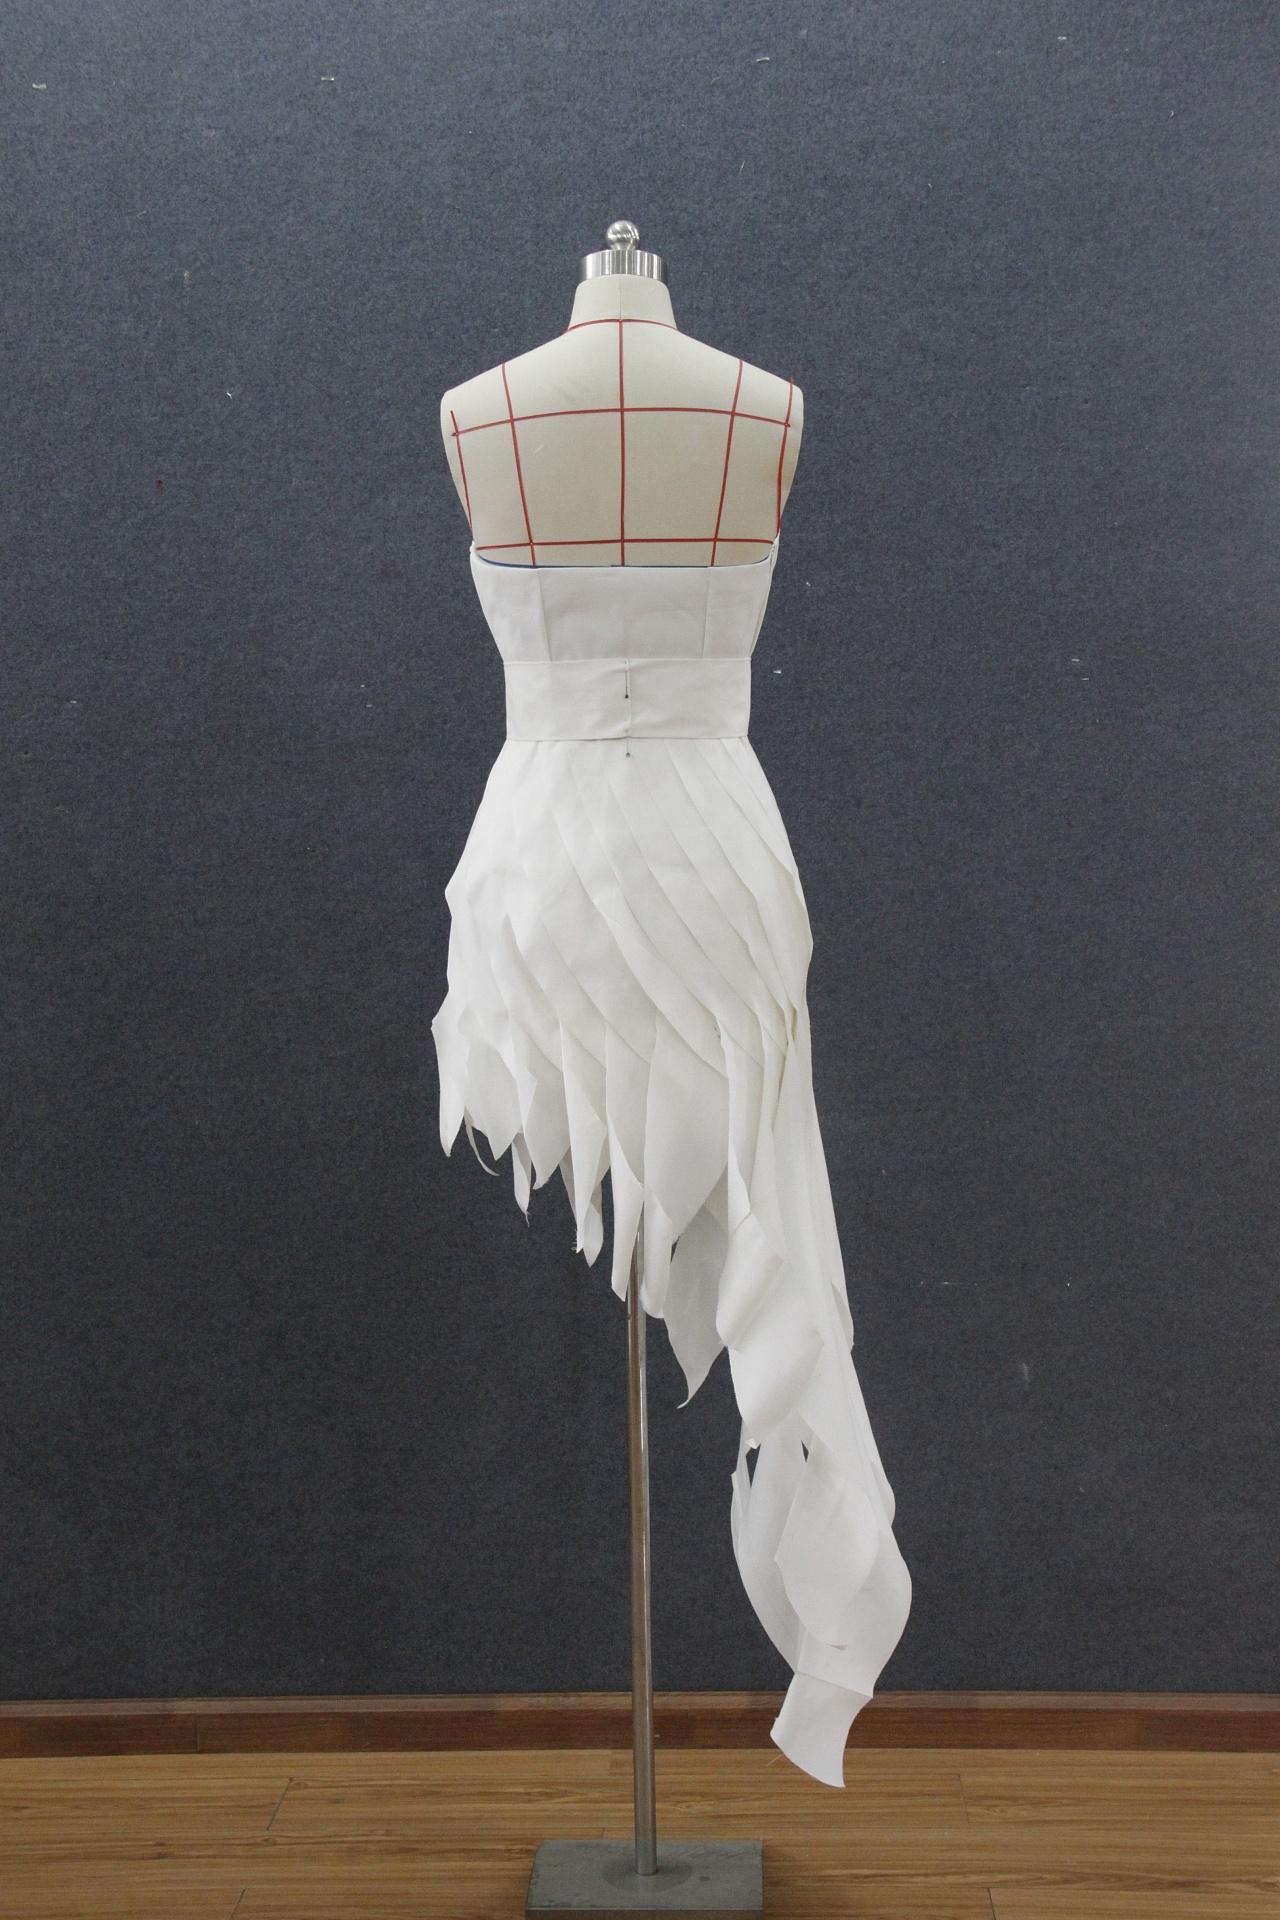 服装立体裁剪 服装 正装/礼服 唐海元1 - 原创作品图片